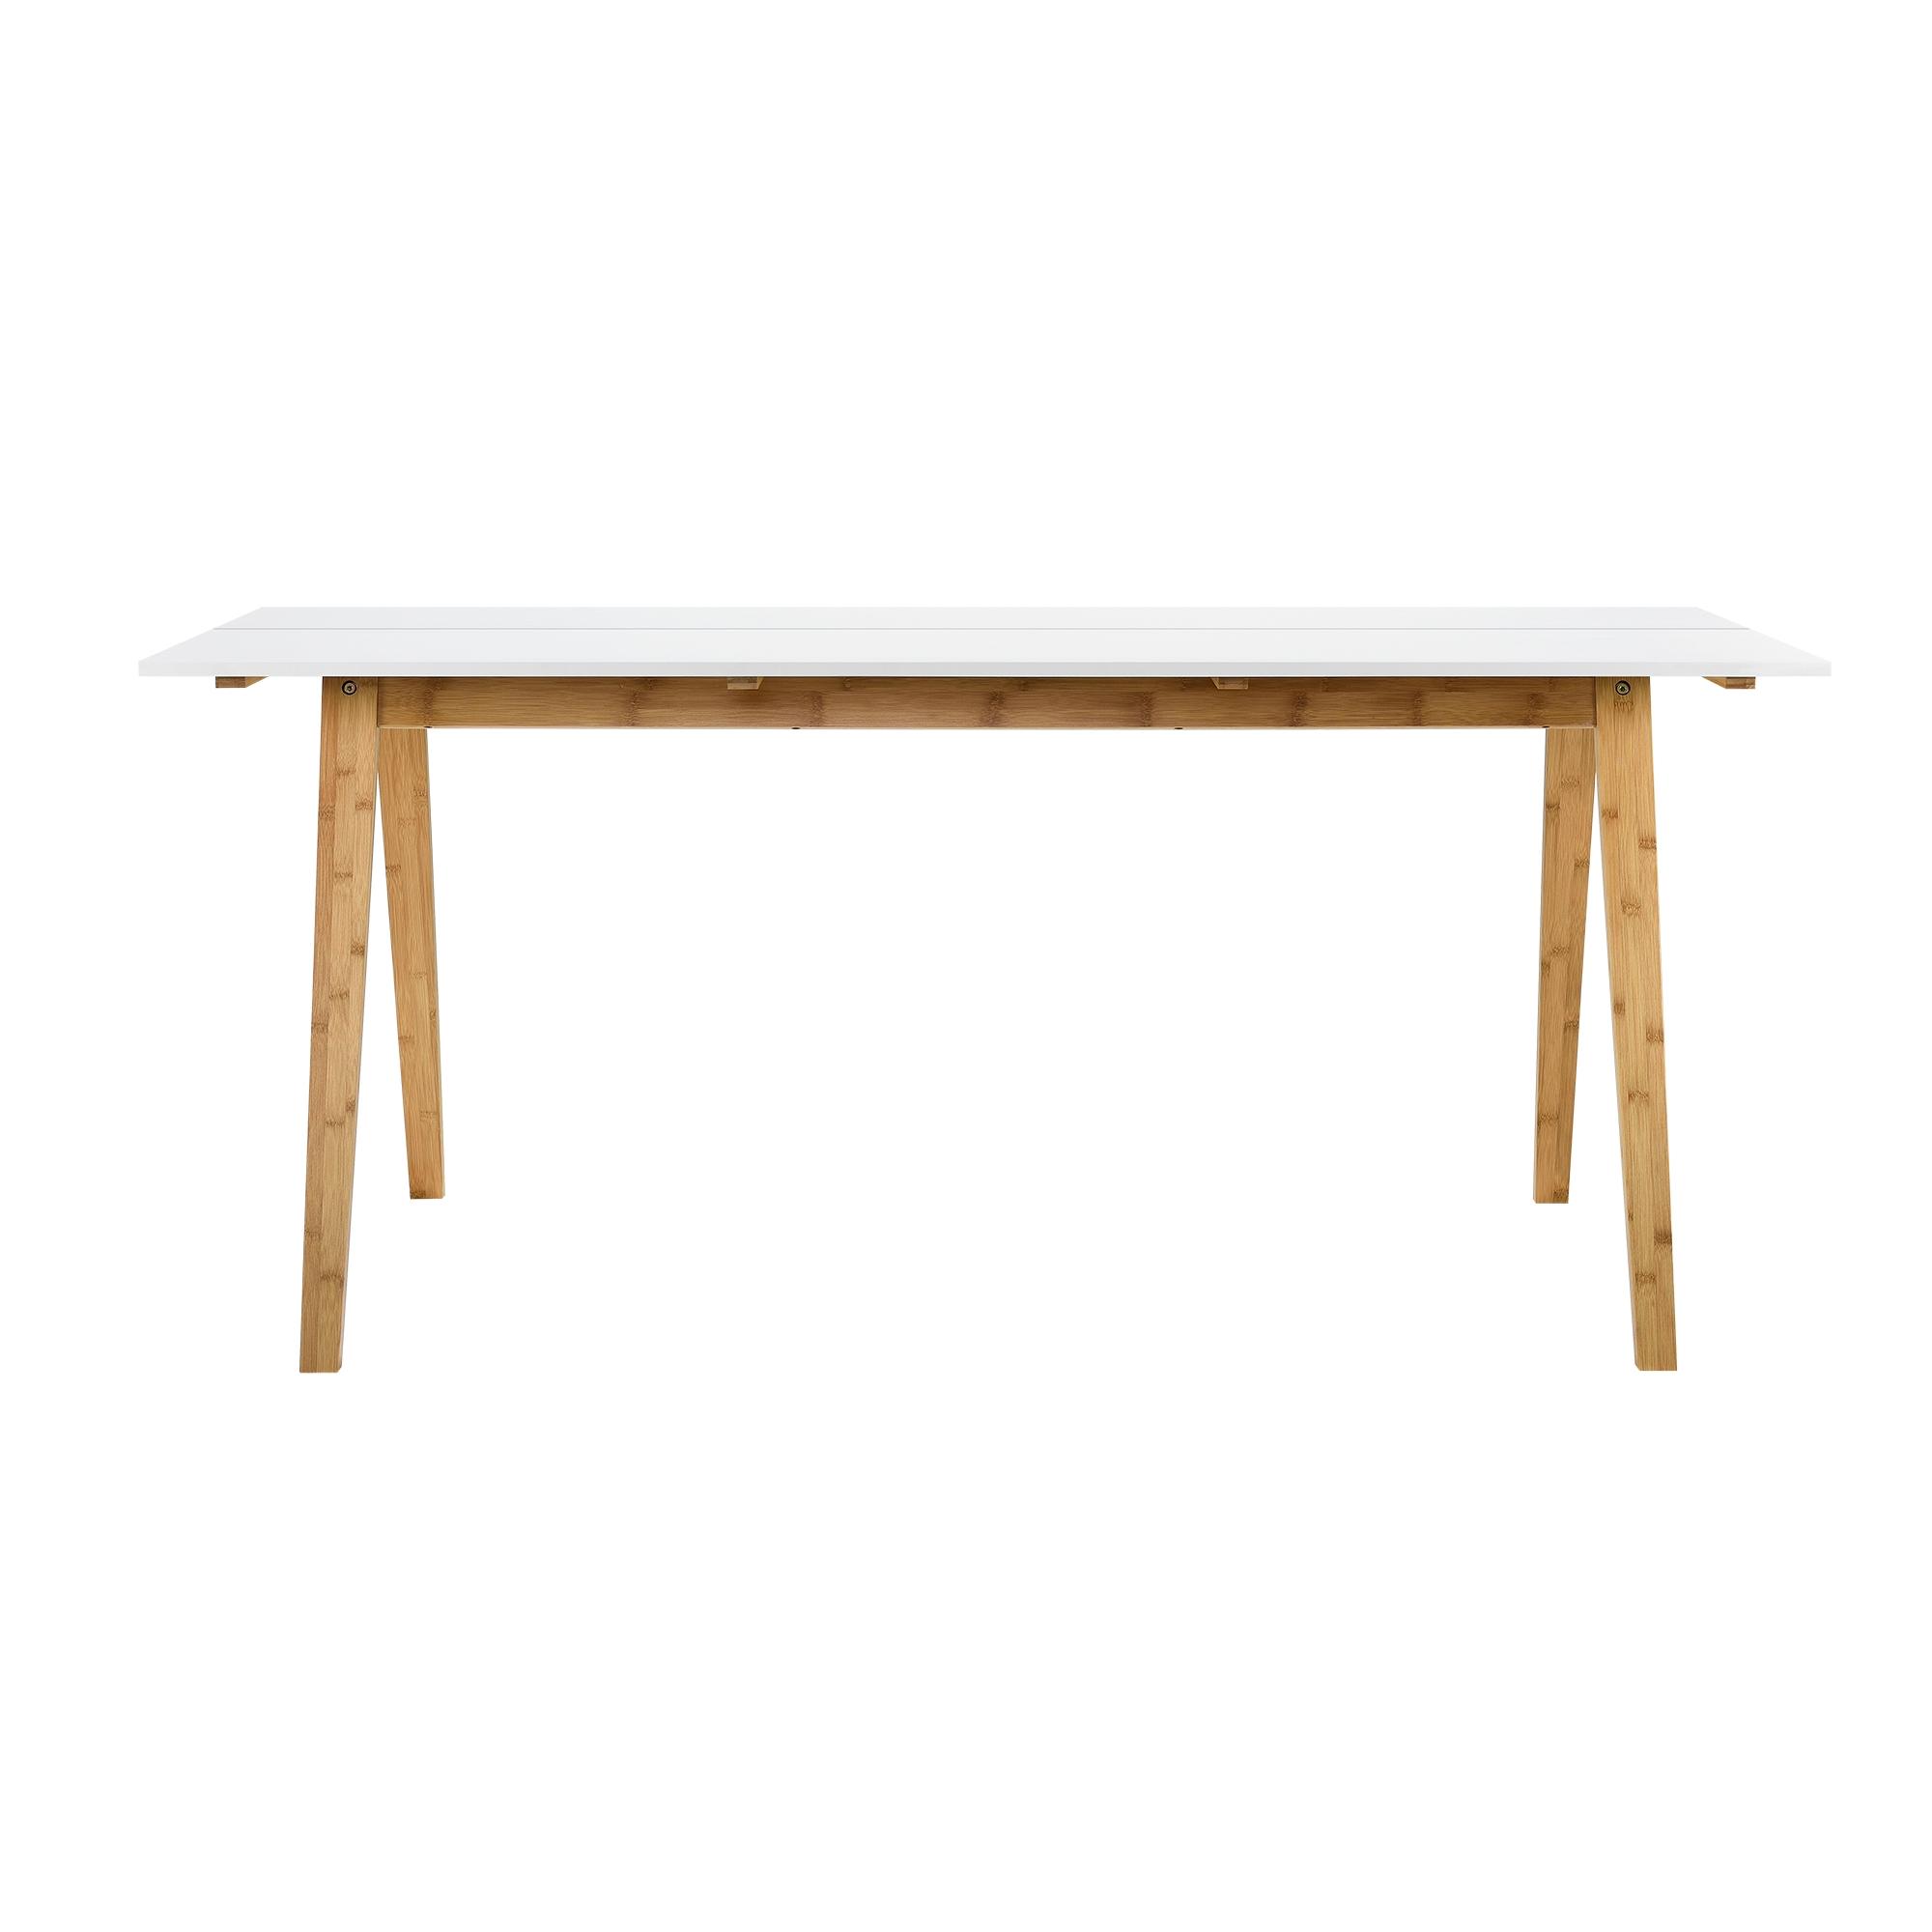 esstisch wei lack bambus 180x80cm esszimmer k che tisch holz ebay. Black Bedroom Furniture Sets. Home Design Ideas